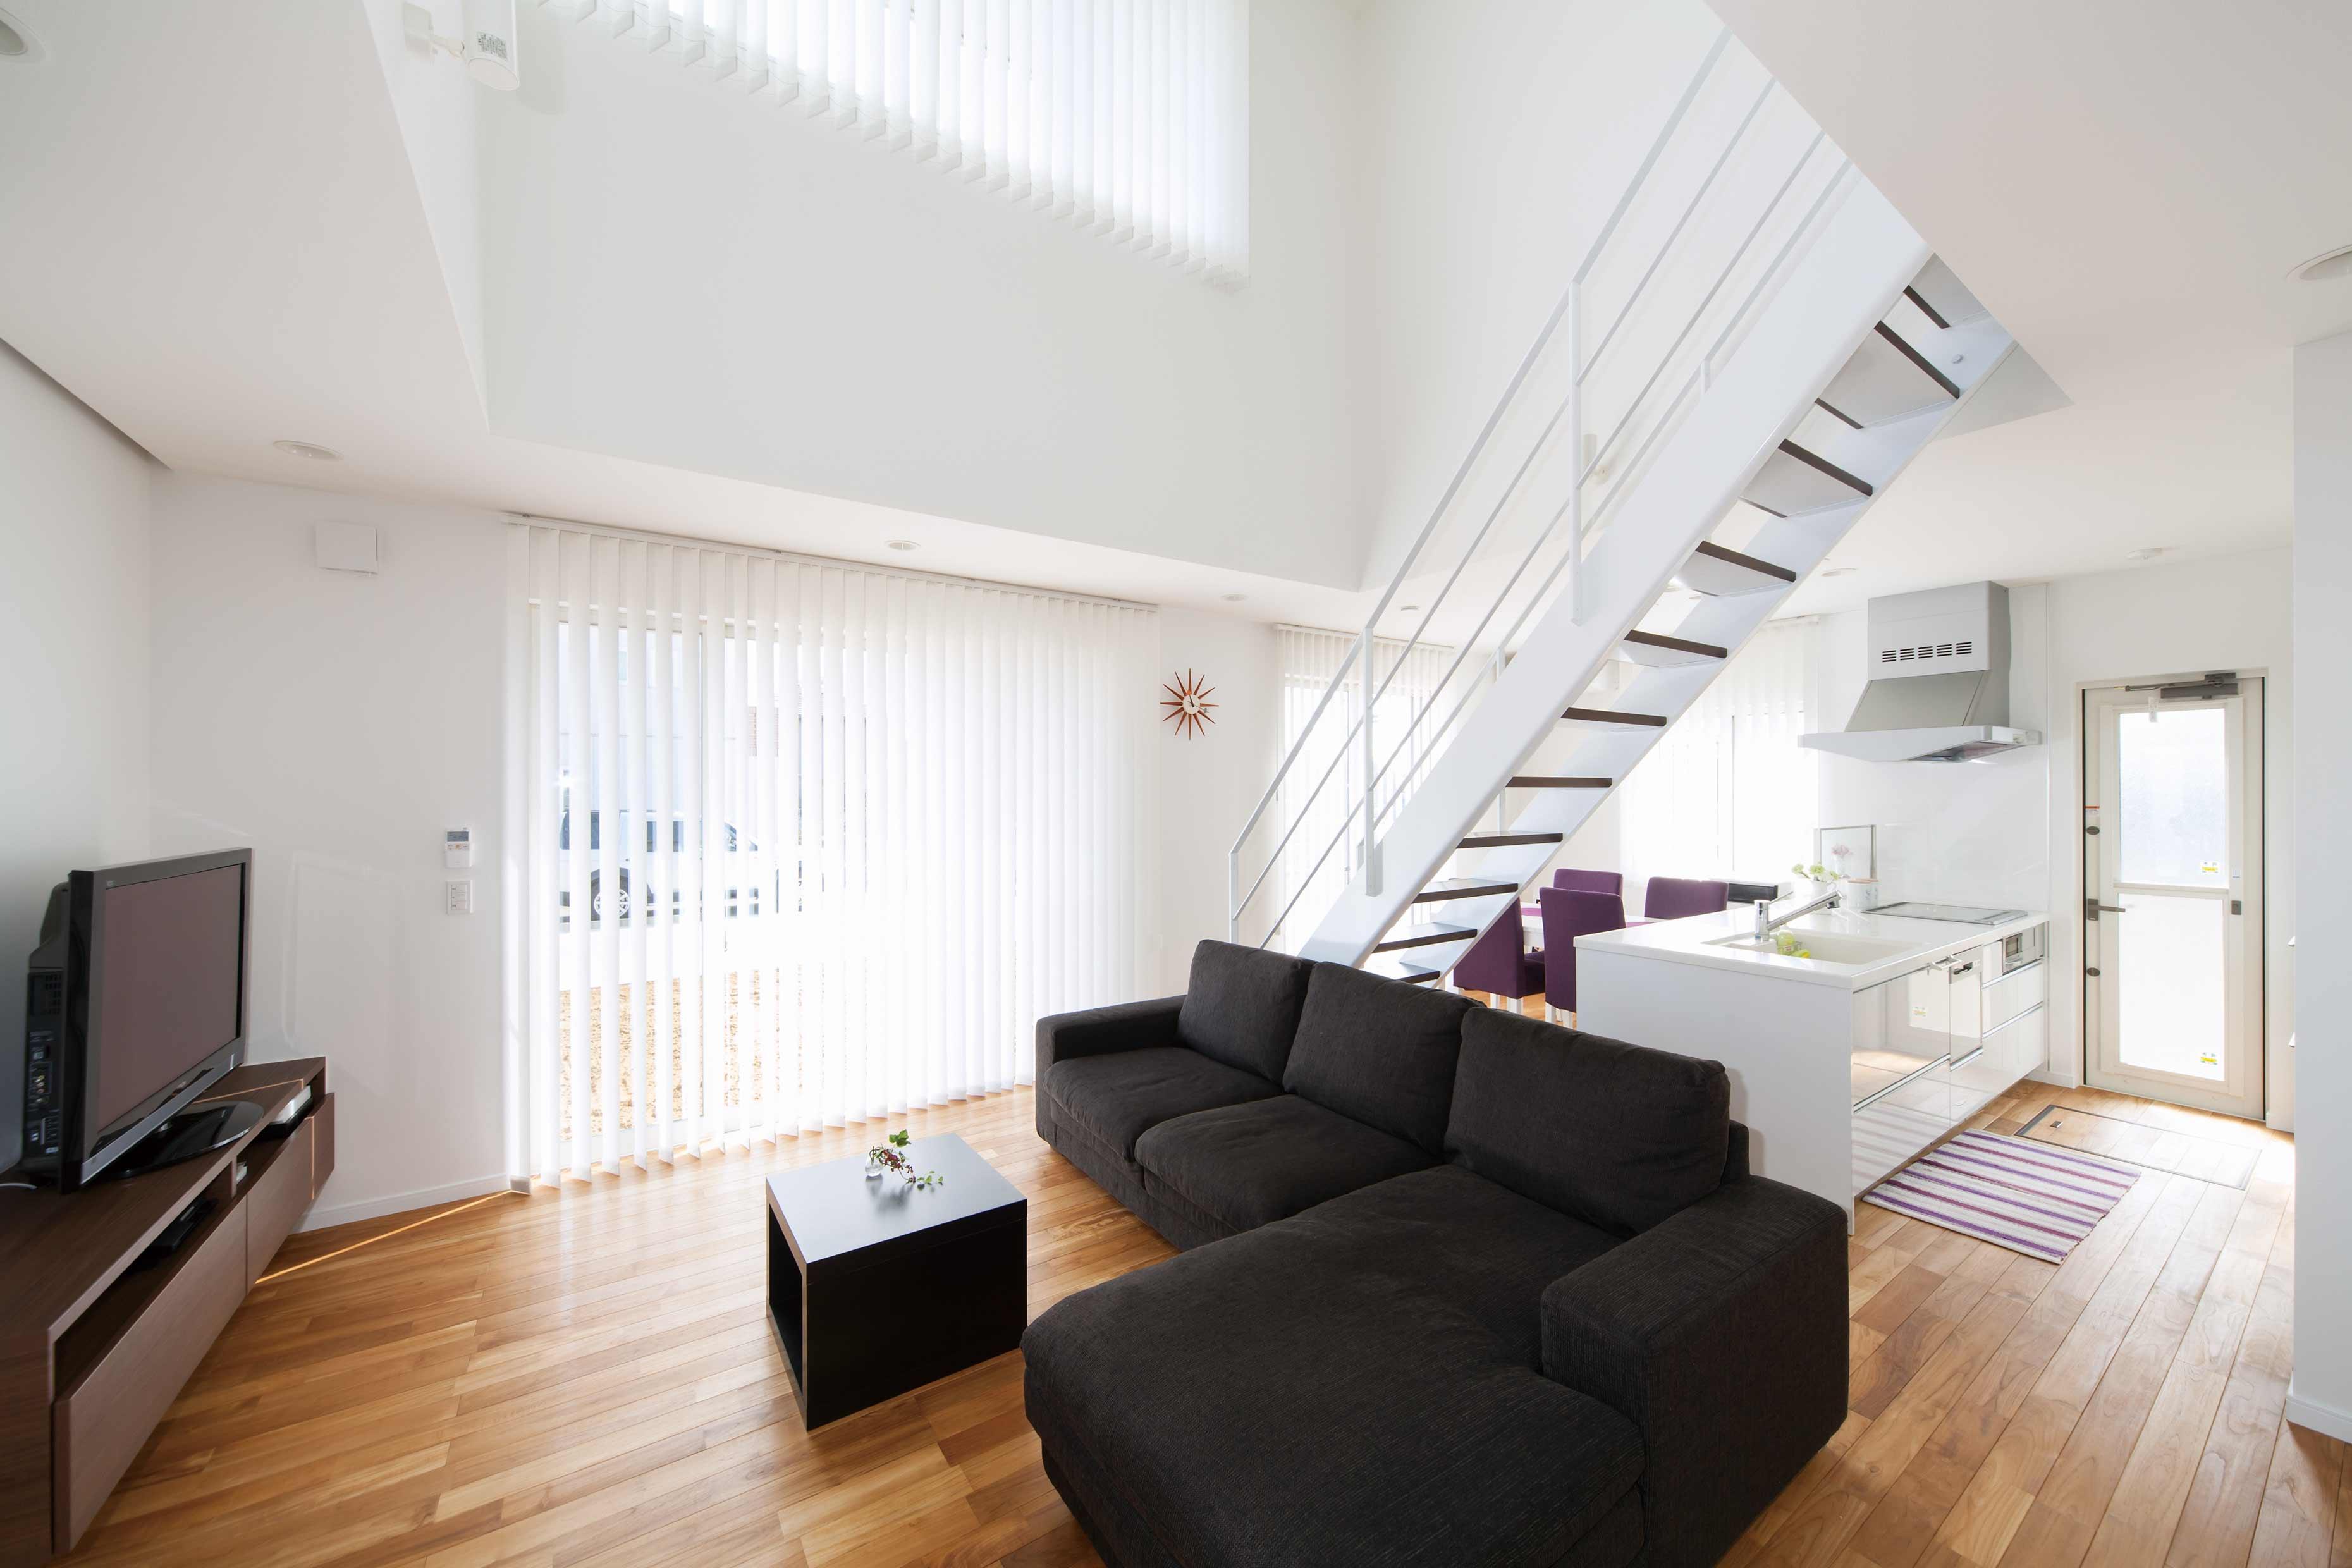 キッチン 背面収納 キッチン : 吹抜けに浮かぶリビング階段 ...